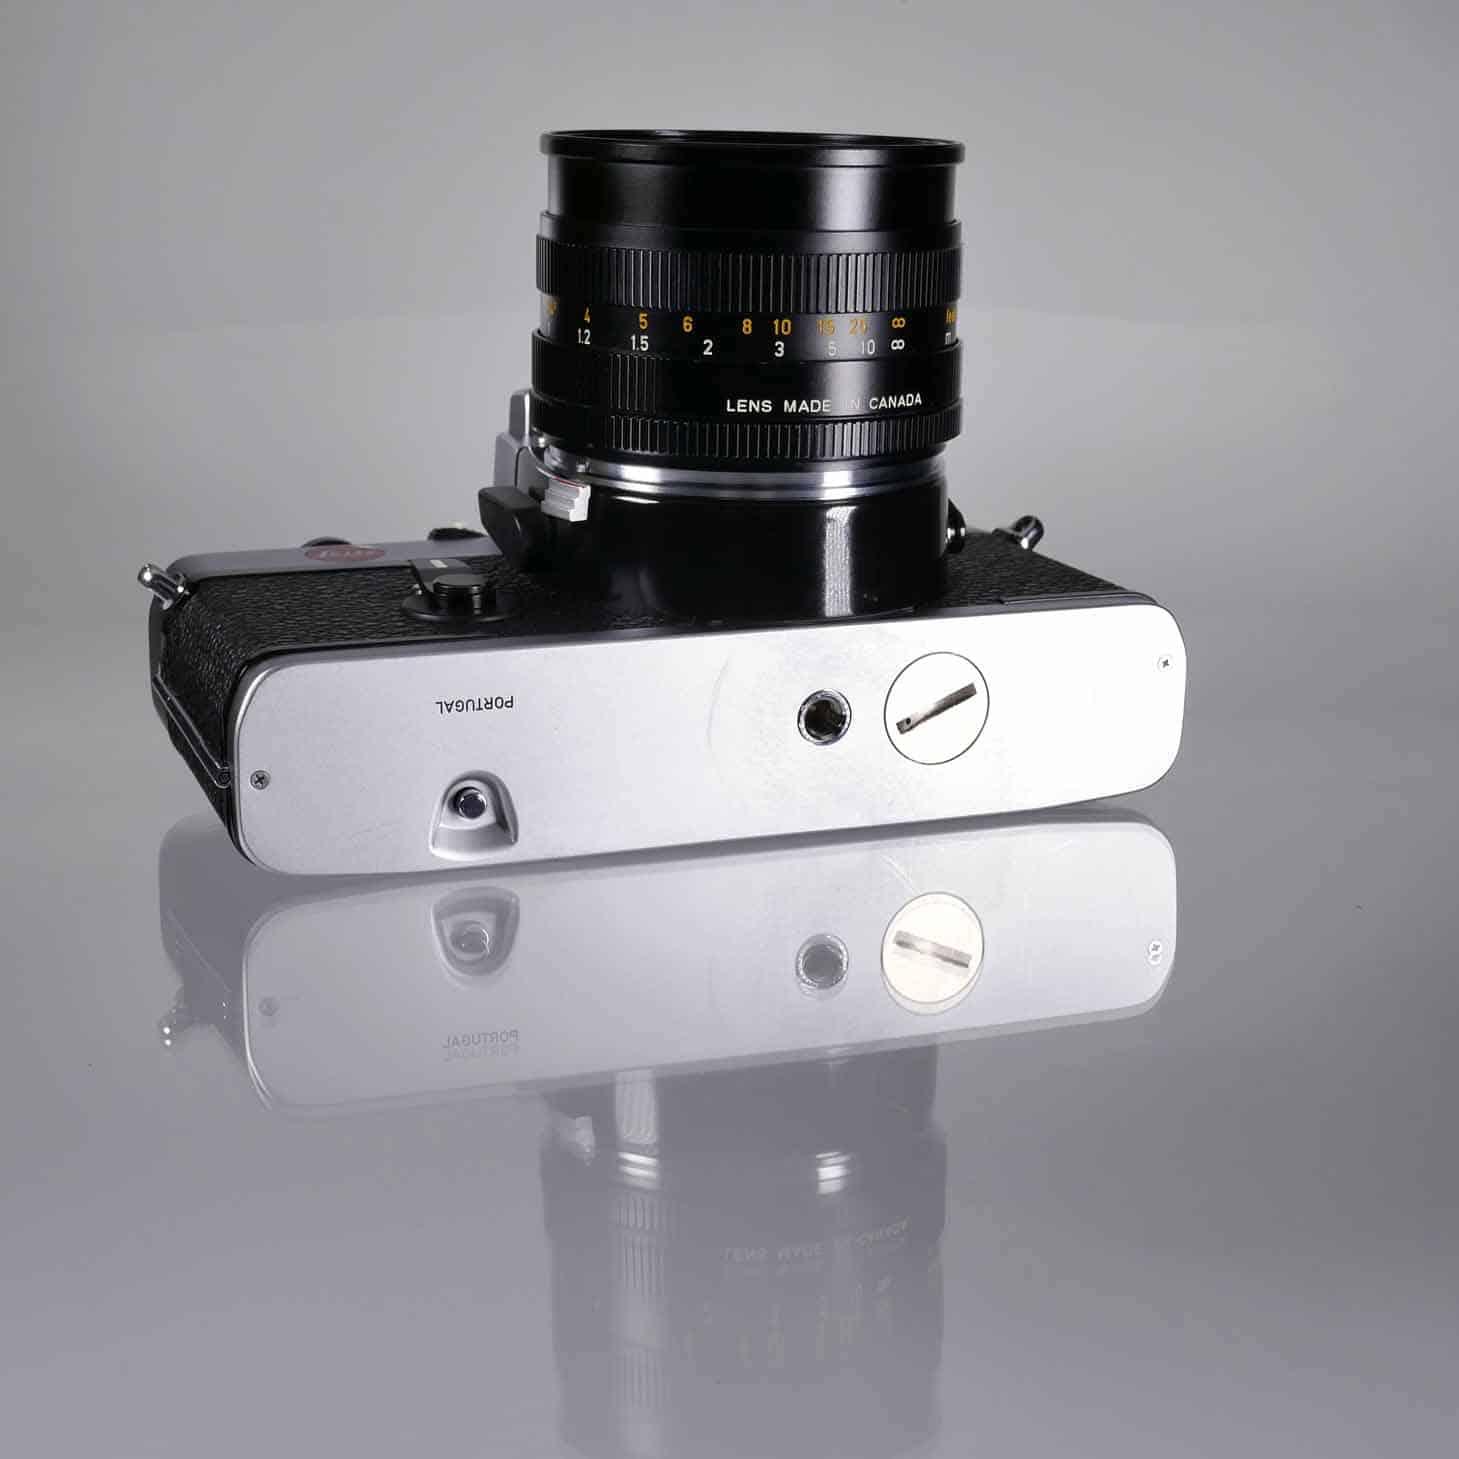 clean-cameras-Leica-R3-Summicron-50mm-07